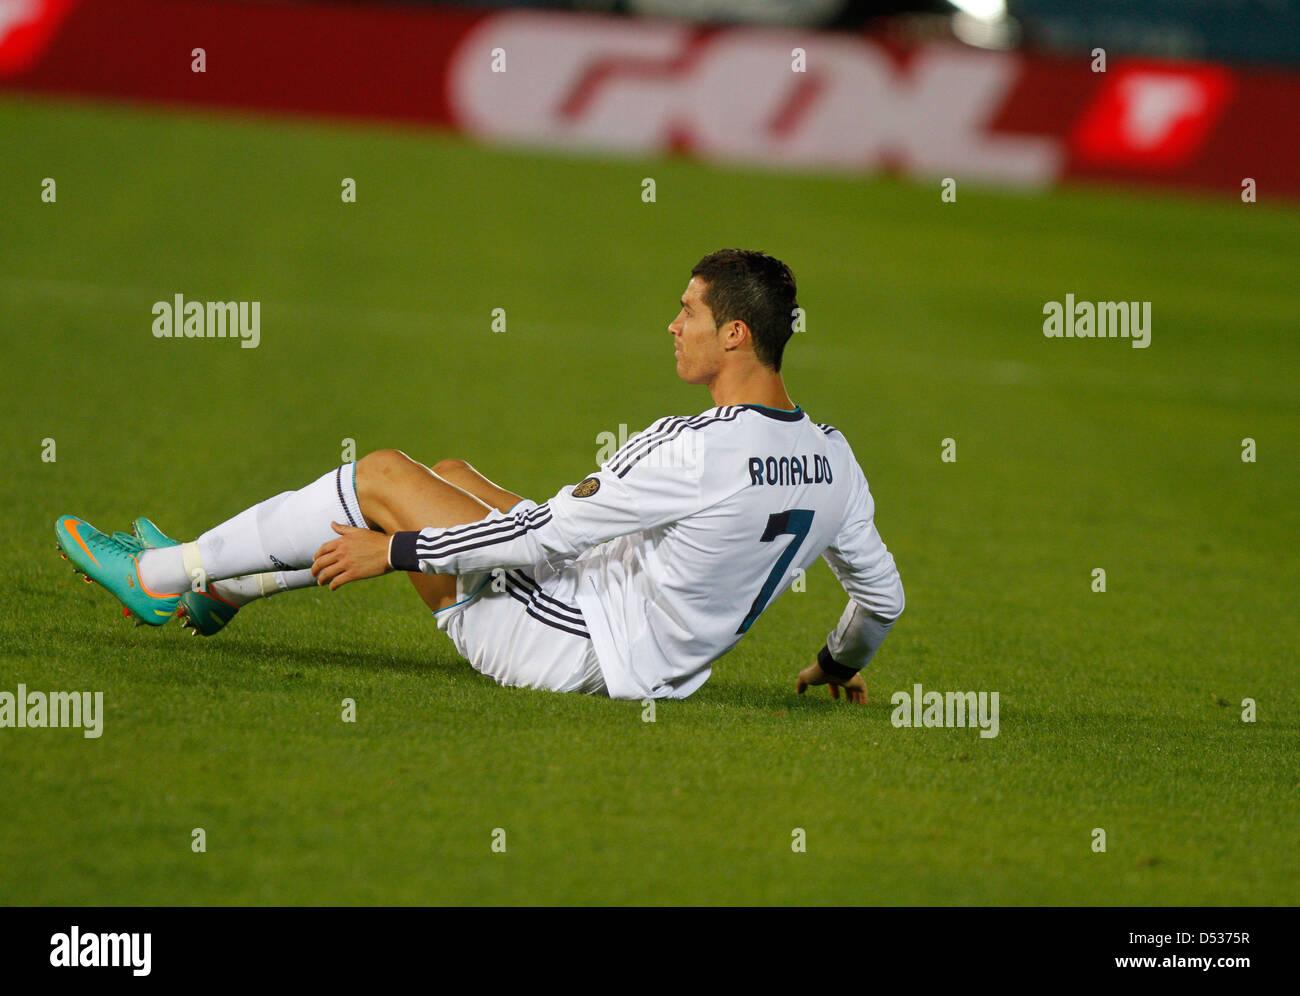 Jugador de fútbol del Real Madrid Cristiano Ronaldo reacciona durante un partido Imagen De Stock